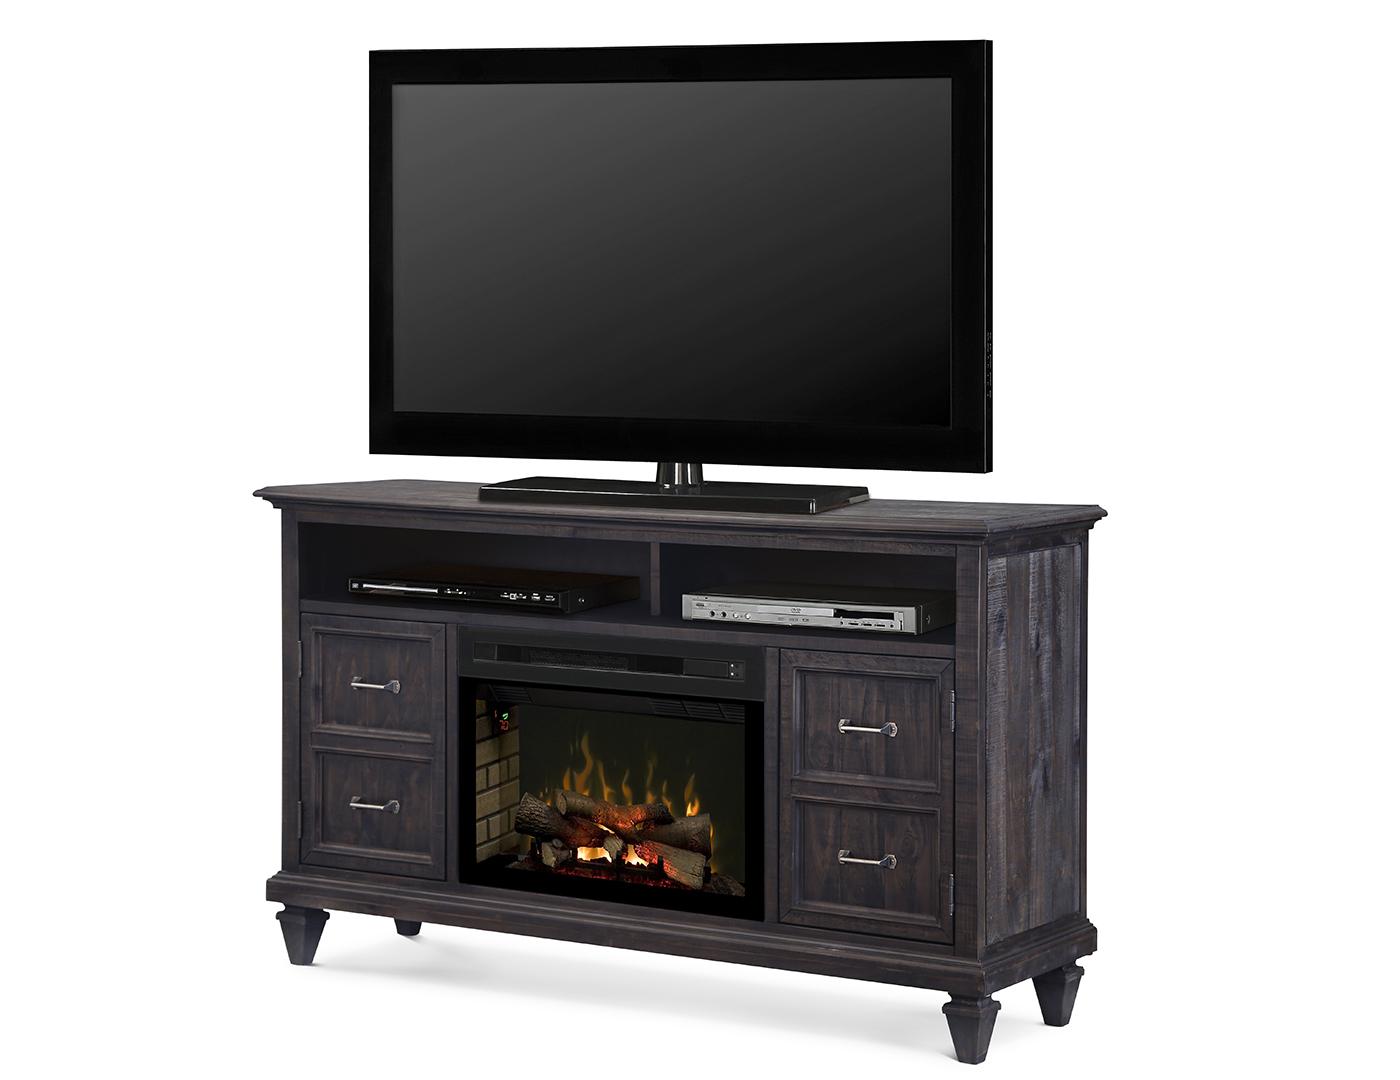 steinhafels fieldstone fireplace